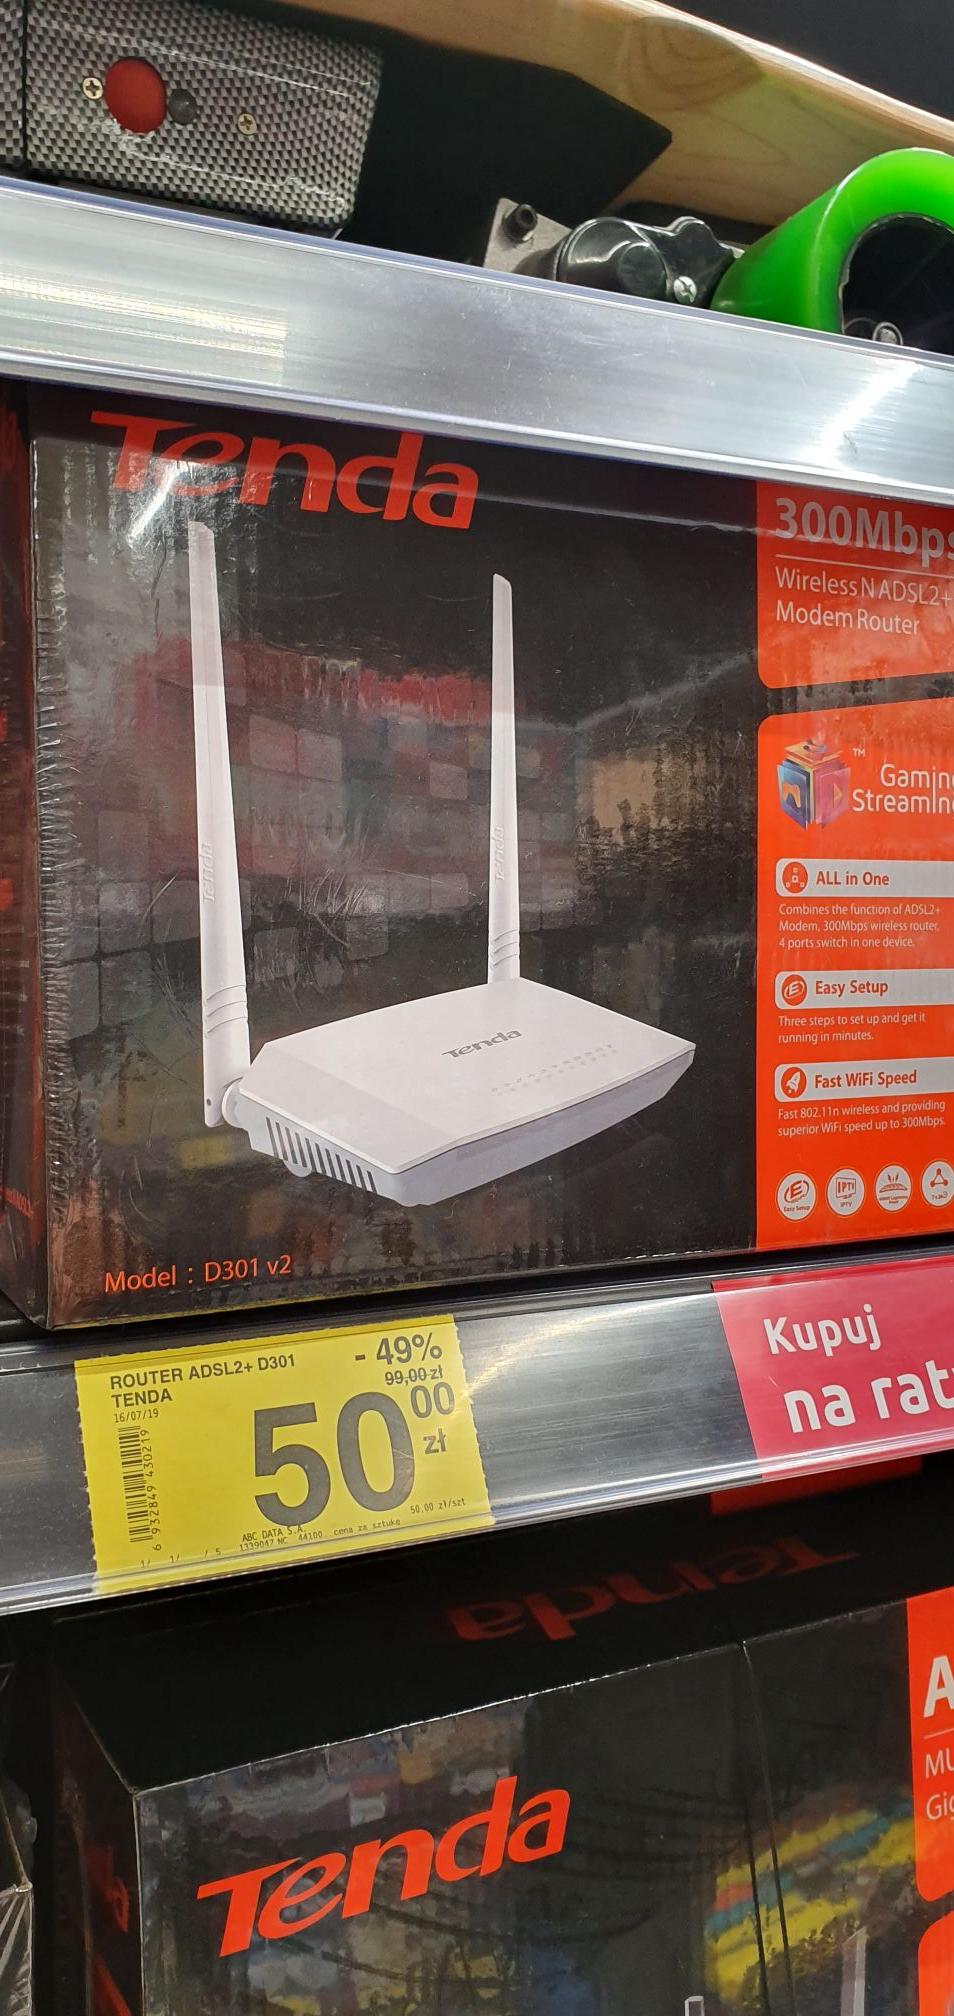 Bezprzewodowy router i modem ADSL2+ N300 @ Carrefour Jastrzębie